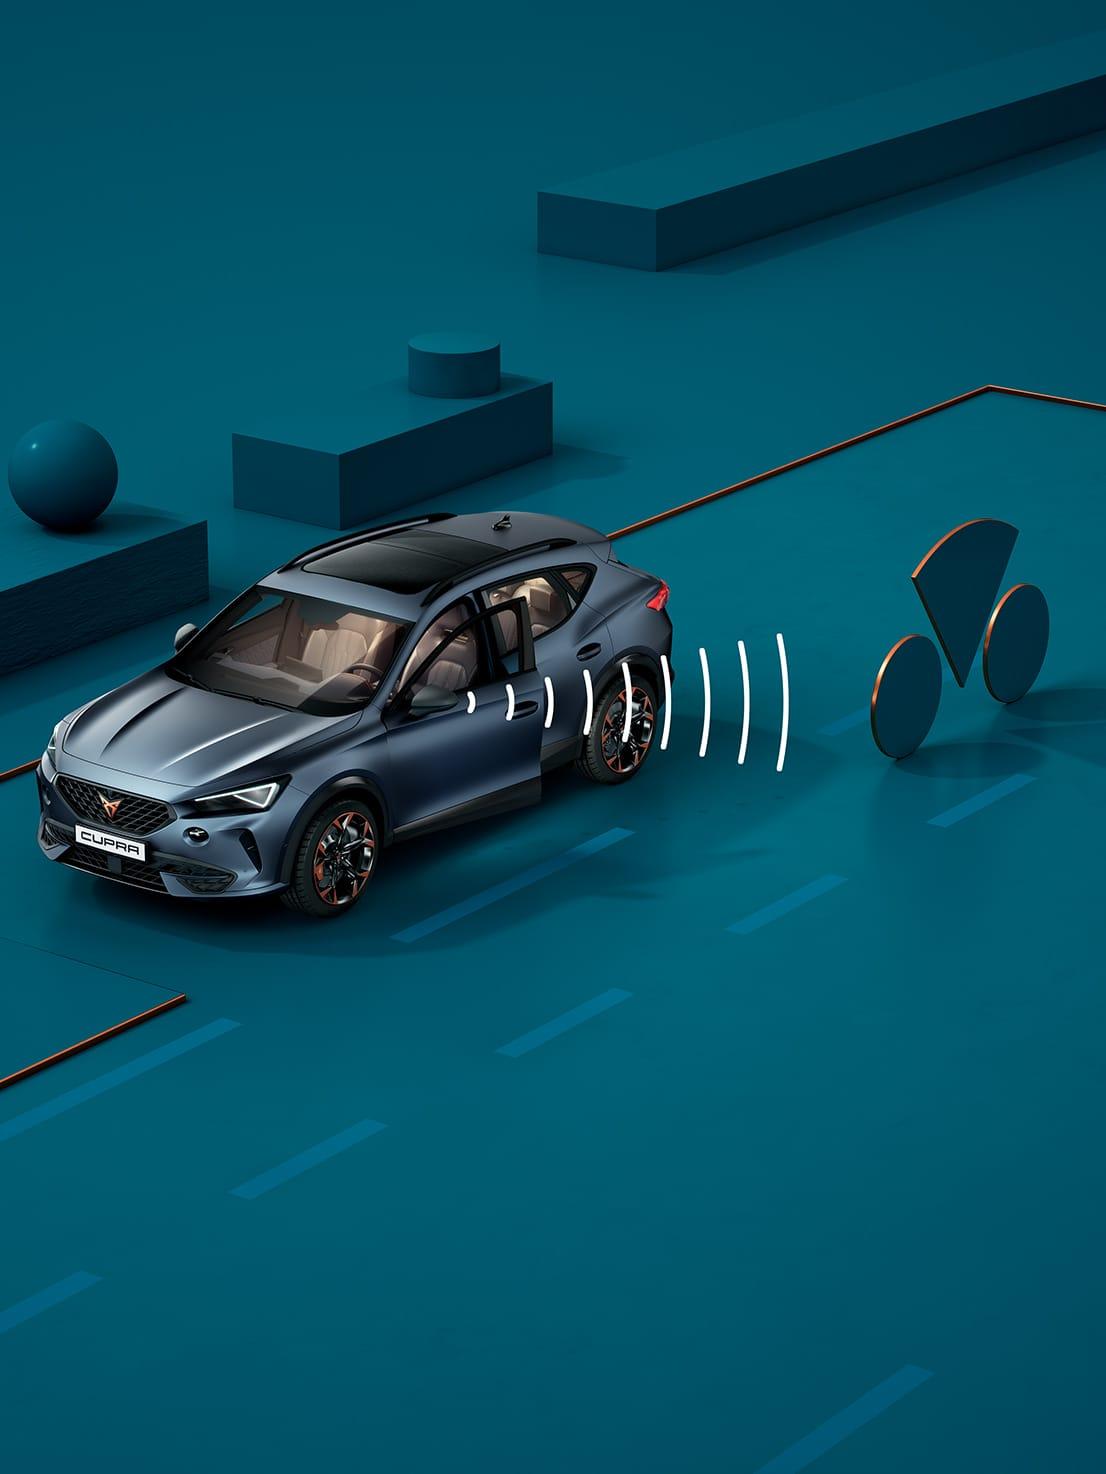 Nouvelle CUPRA Leon 5 portes ehybrid voiture de sport compacte avec fonction exit warning